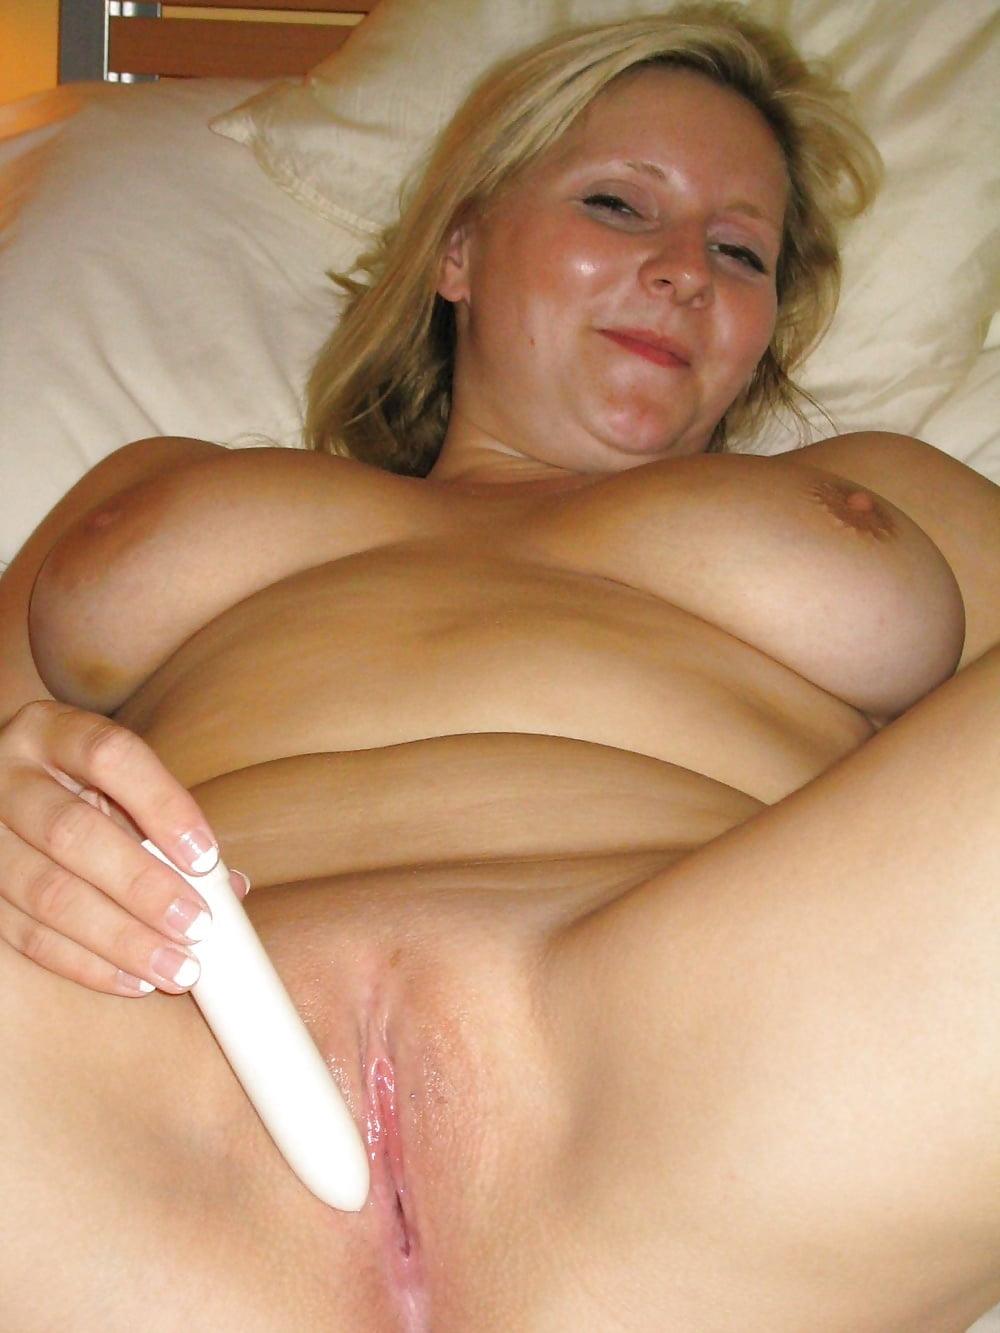 порно фото мастурбирующей женщины позы